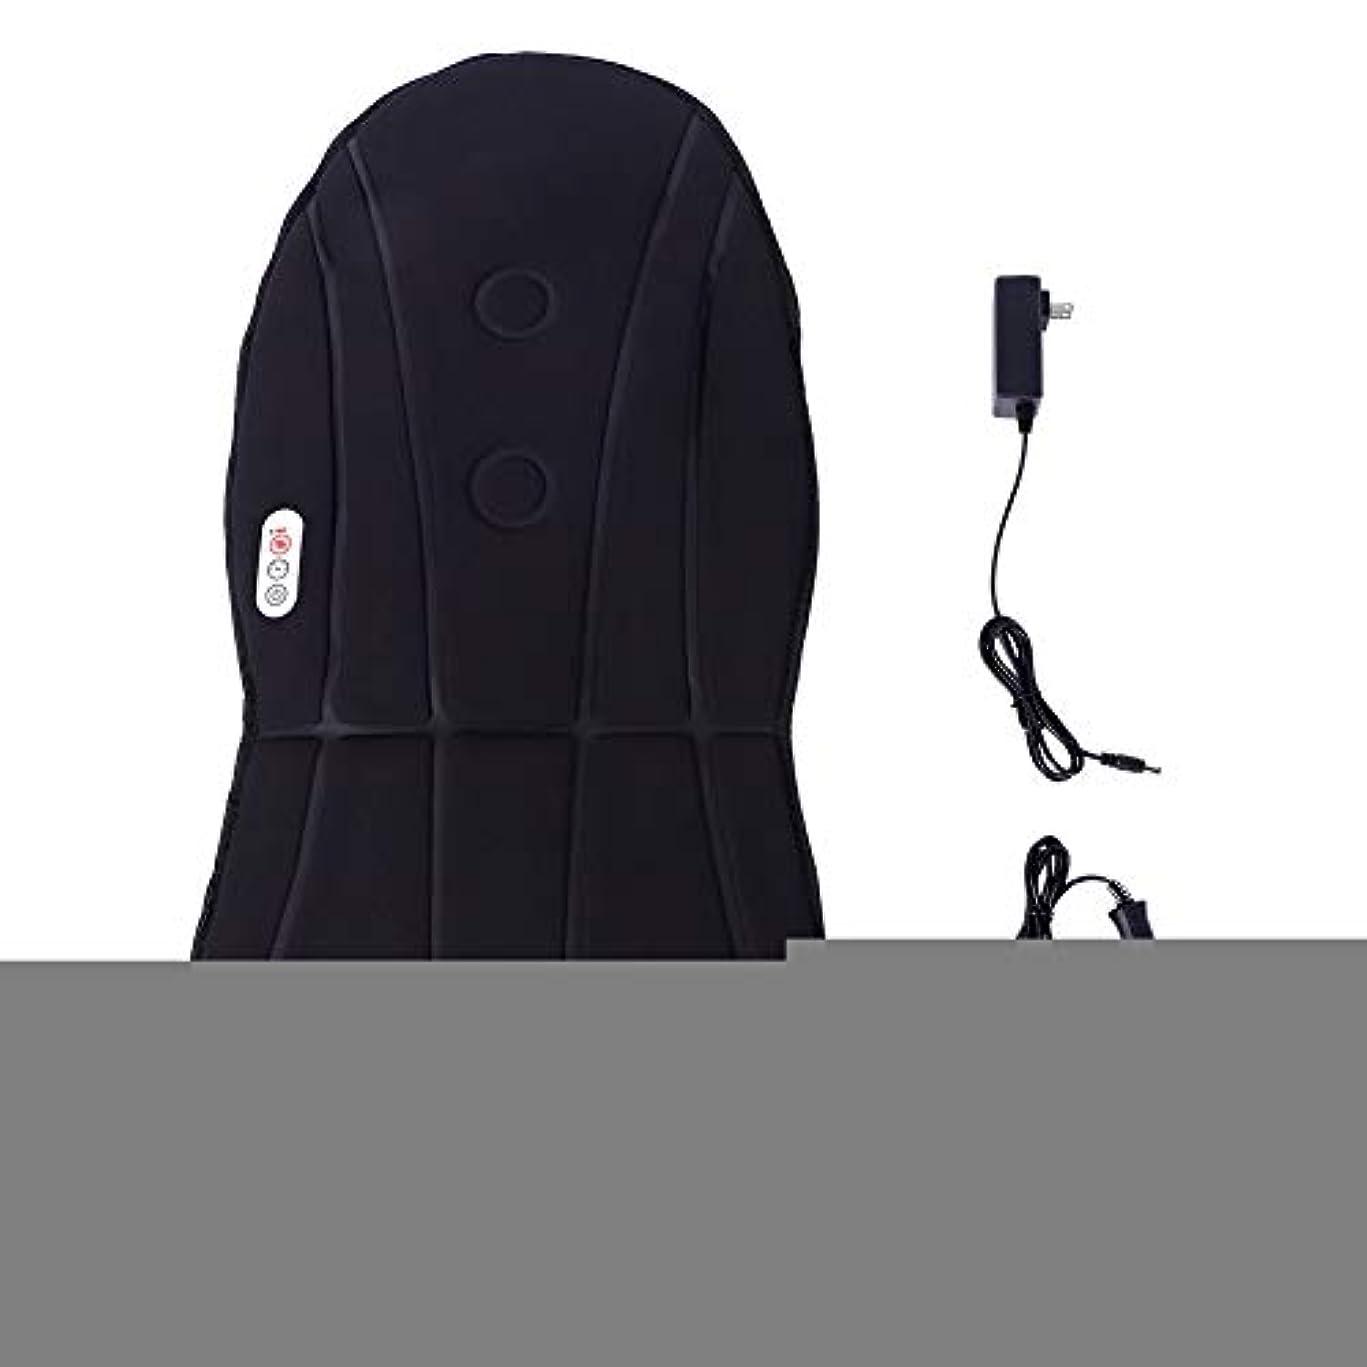 すきシャーク召喚するバックマッサージと首の振動のための暖房マッサージ付きマッサージ車のクッション振動クッション3ホームオフィスで調整可能な速度(US)